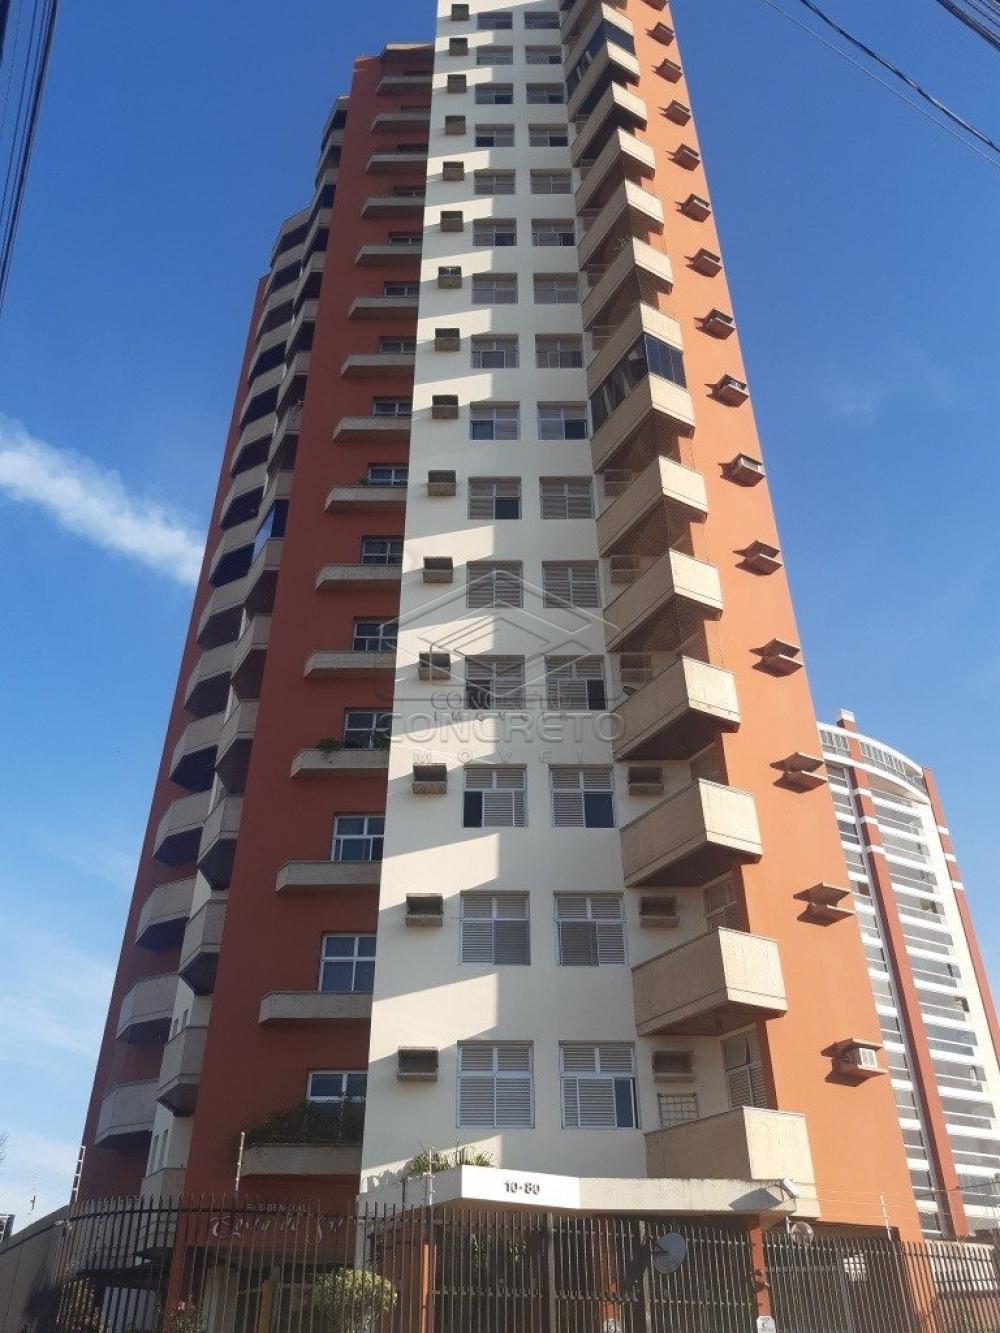 Alugar Apartamento / Padrão em Bauru R$ 1.500,00 - Foto 2